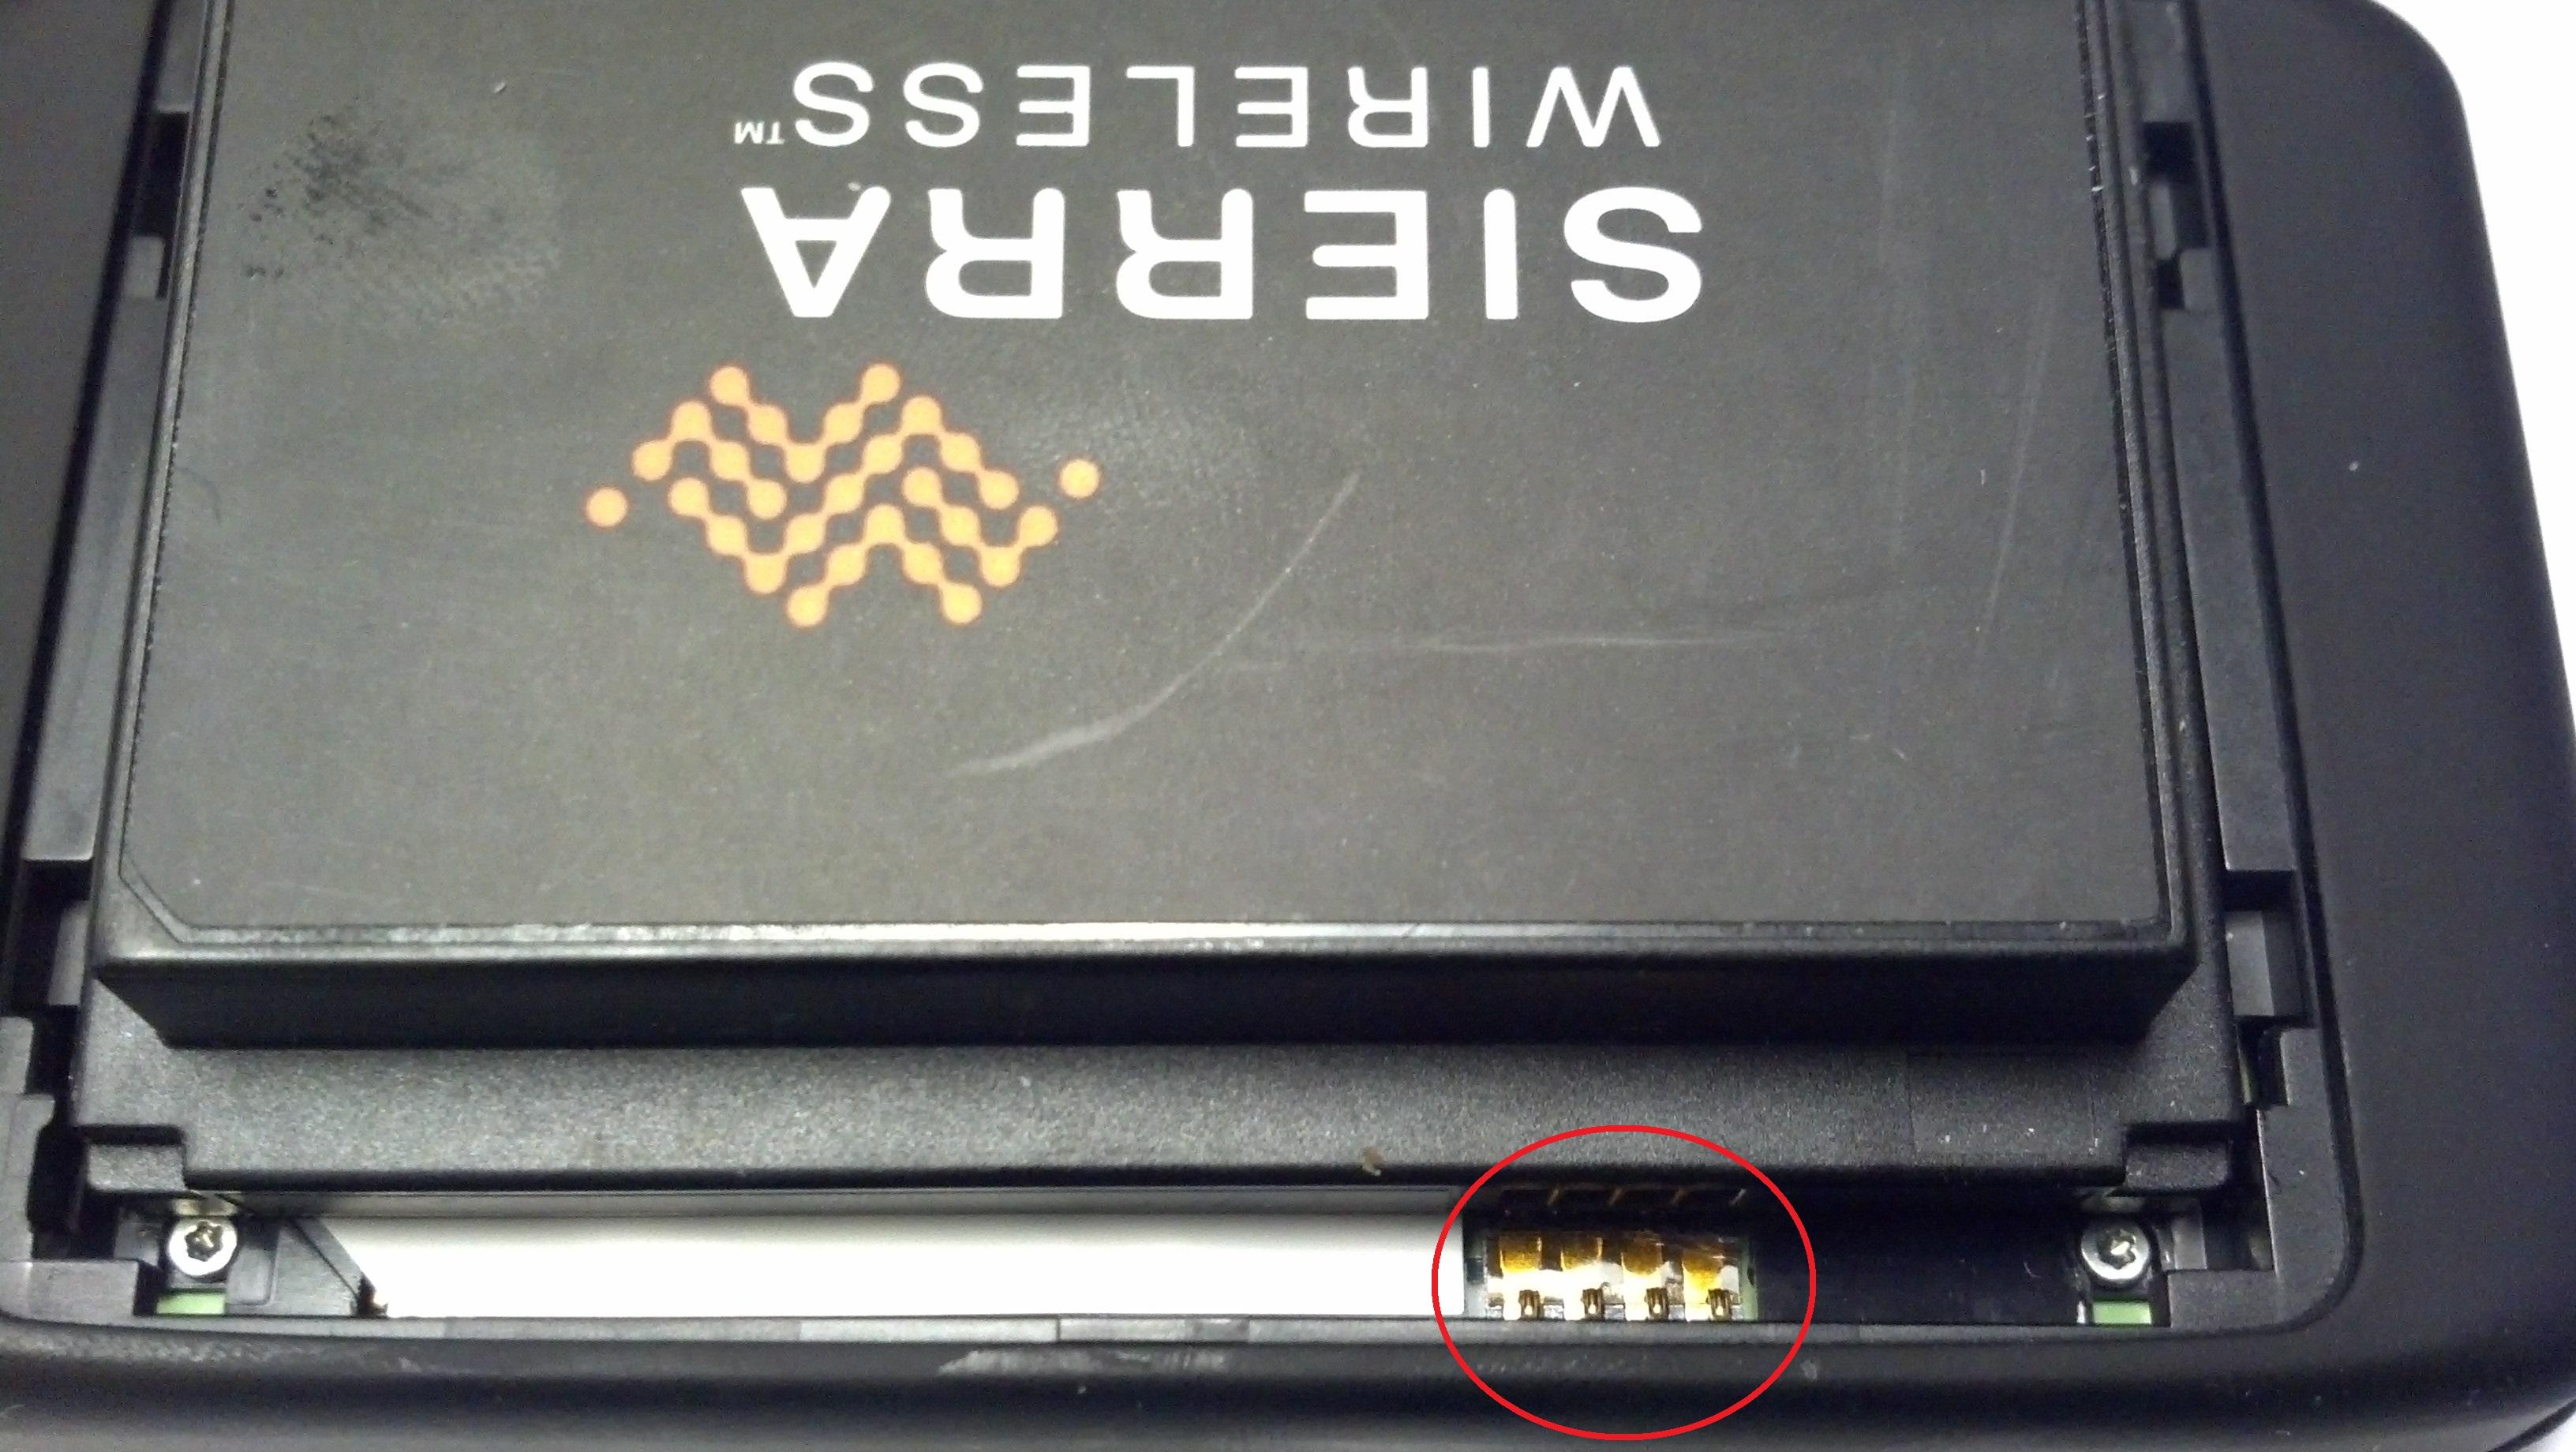 Tri-Fi - Battery Pull - TOAST.net